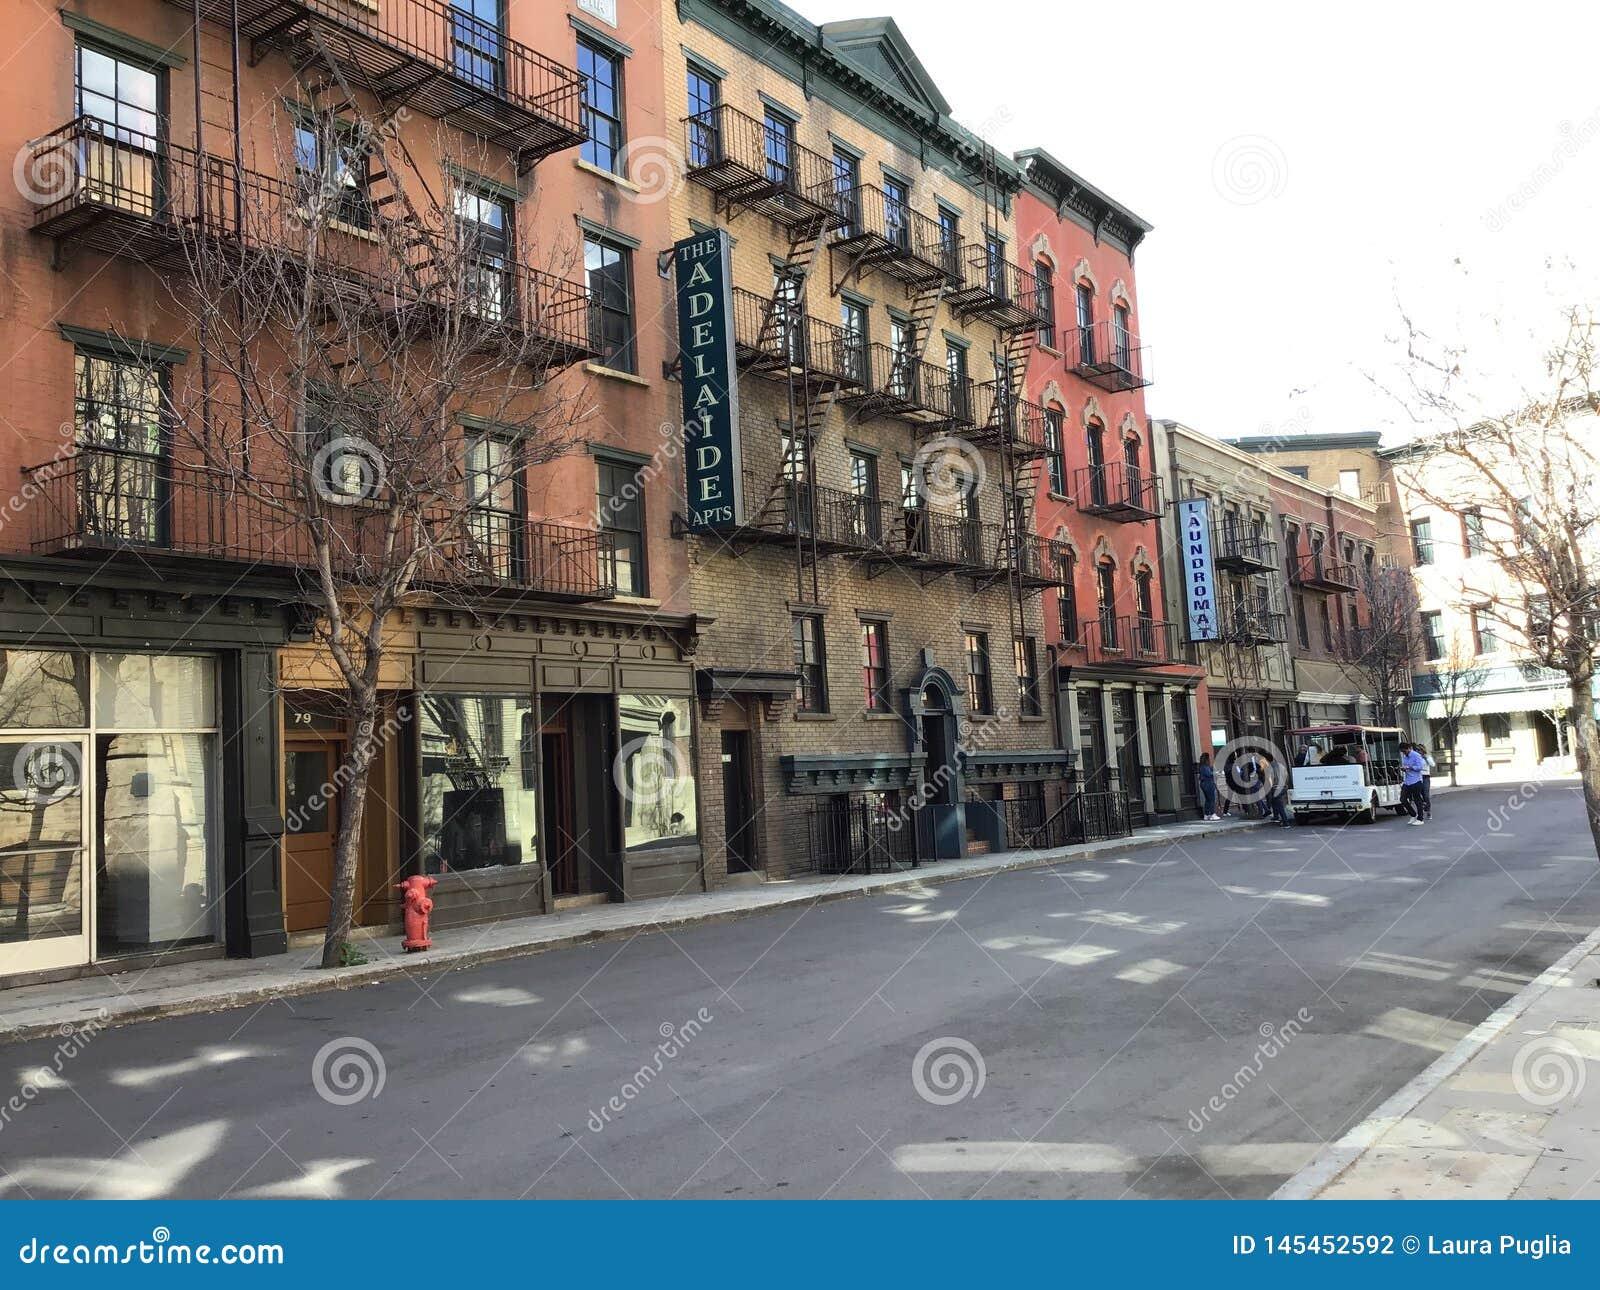 Αυτό είναι ένα streetview που βρίσκεται σε ένα μέρος στούντιο που μιμείται μια ιστορική κωμόπολη θέτοντας όπως η πόλη της Νέας Υό